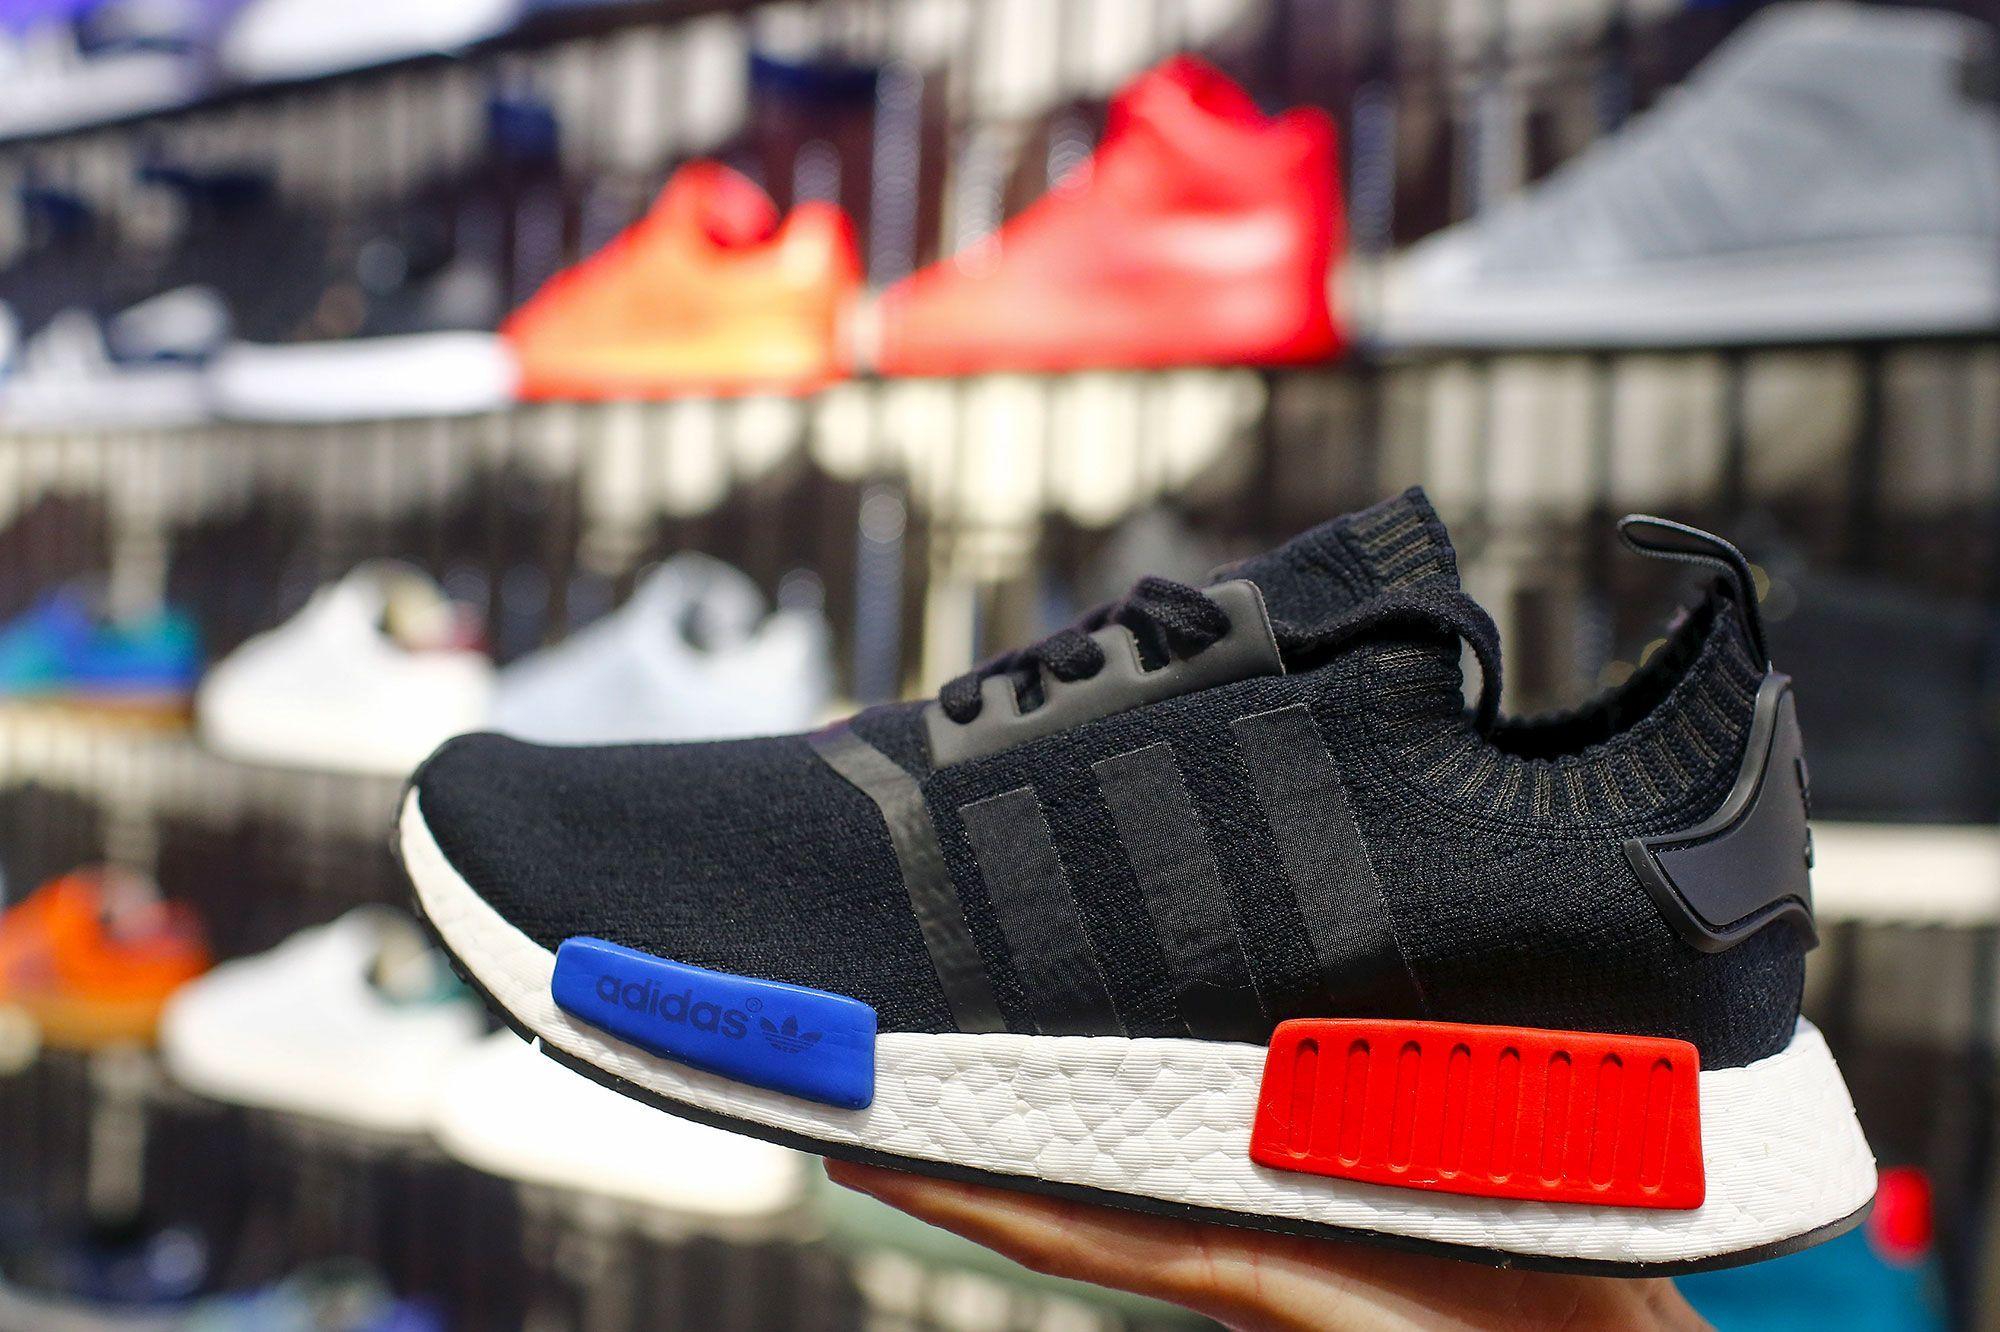 Personnalise tes chaussures Adidas la promesse d'un style